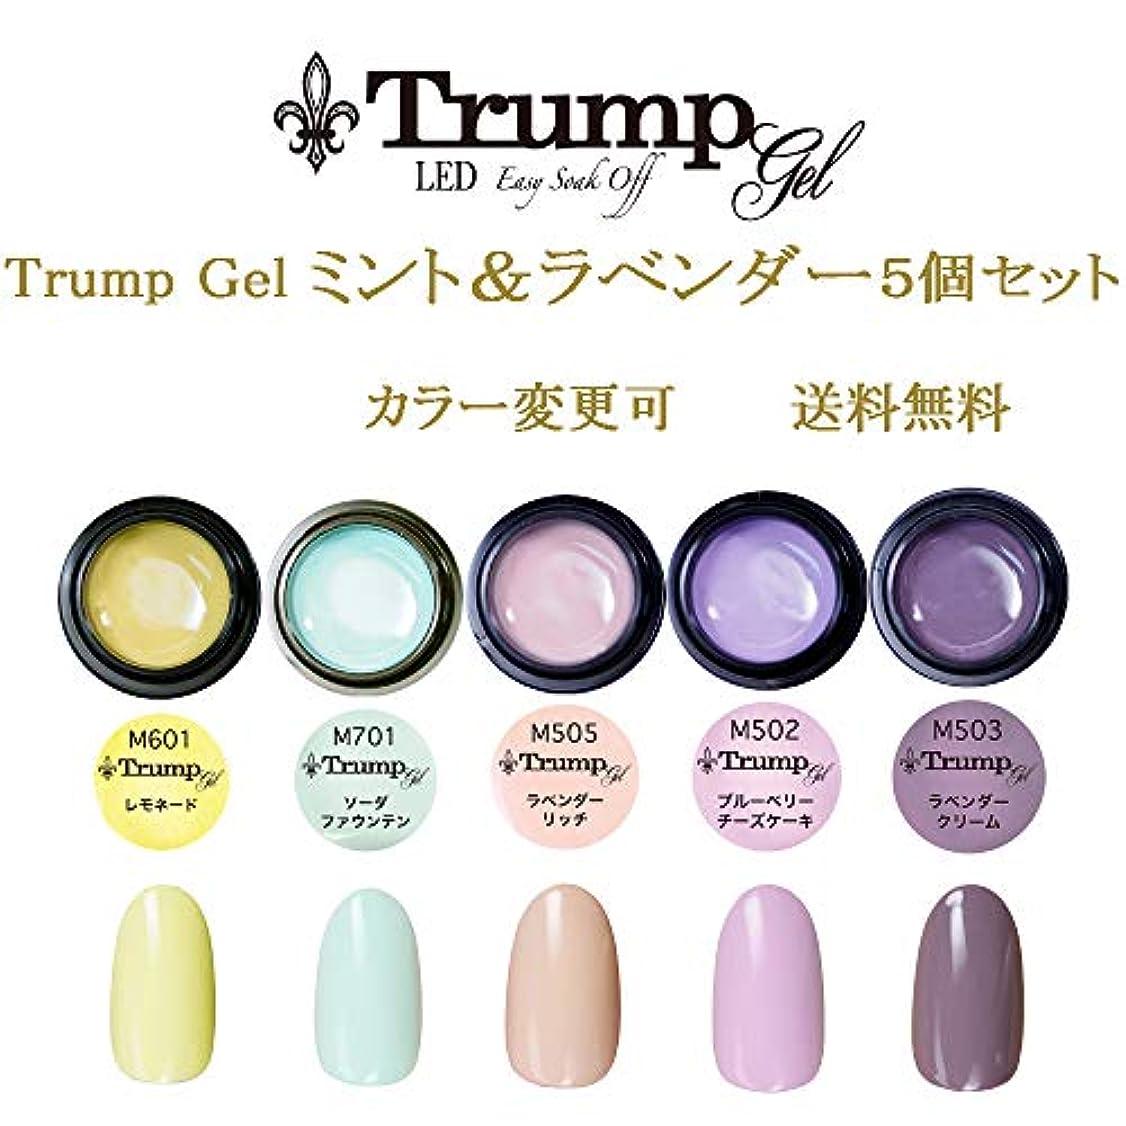 バイナリ申し込む虚栄心【送料無料】日本製 Trump gel トランプジェル ミント&ラベンダー 選べる カラージェル 5個セット ラベンダー ベージュ ミントカラー